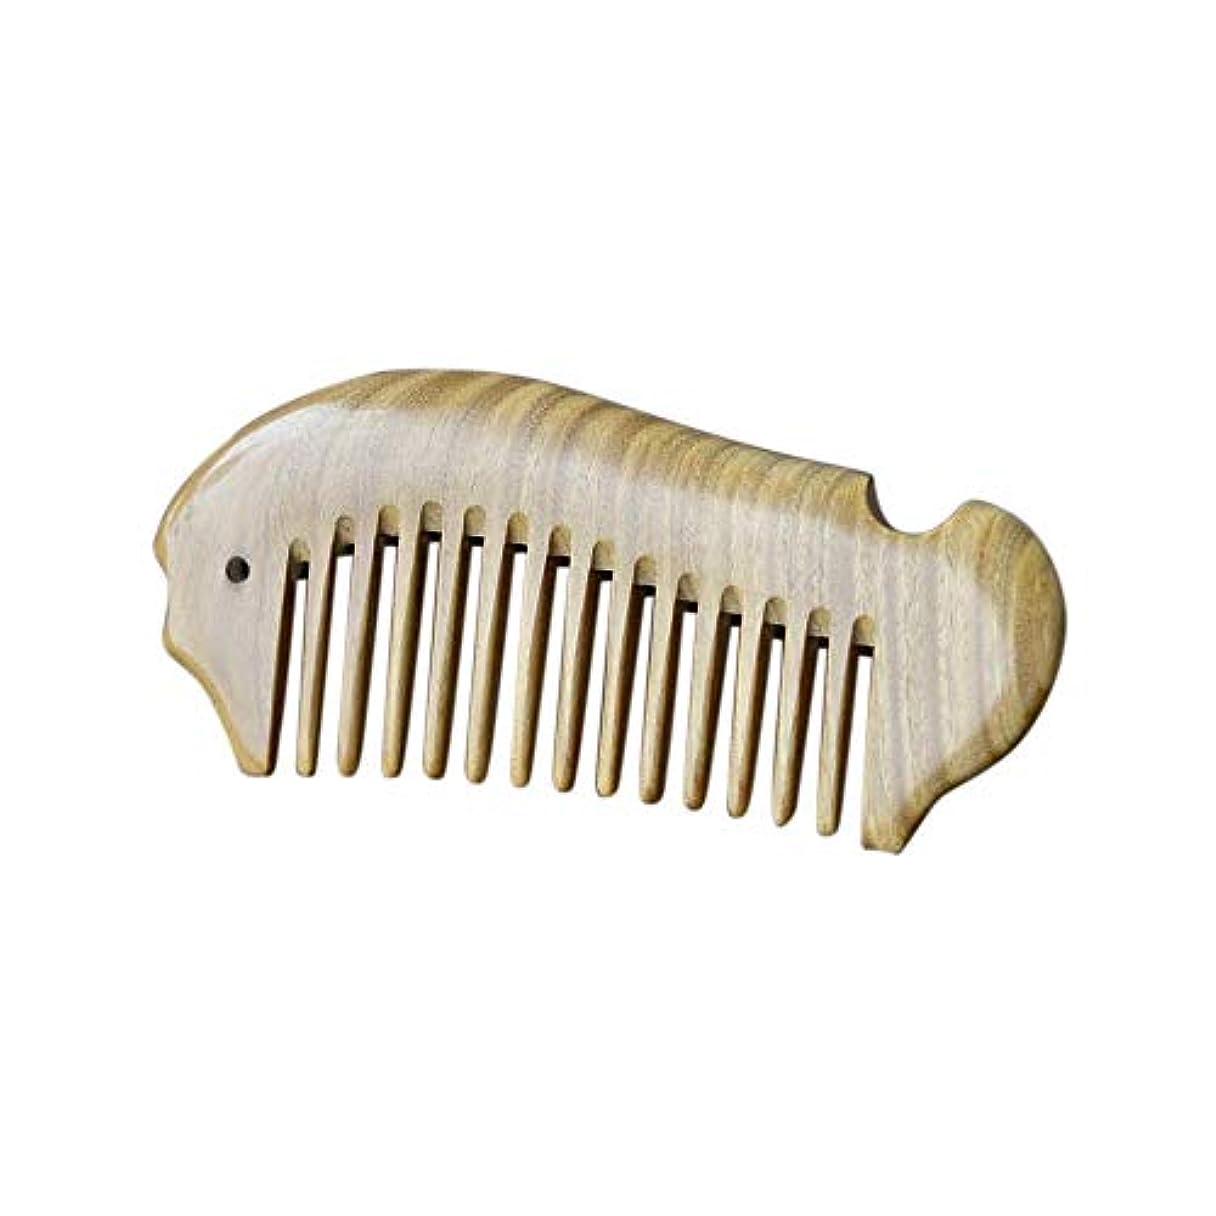 配管工単にアラブ新しい木製のくしグリーンサンダルウッドくし魚の形の手作り帯電防止ヘアブラシ ヘアケア (色 : Wide tooth)